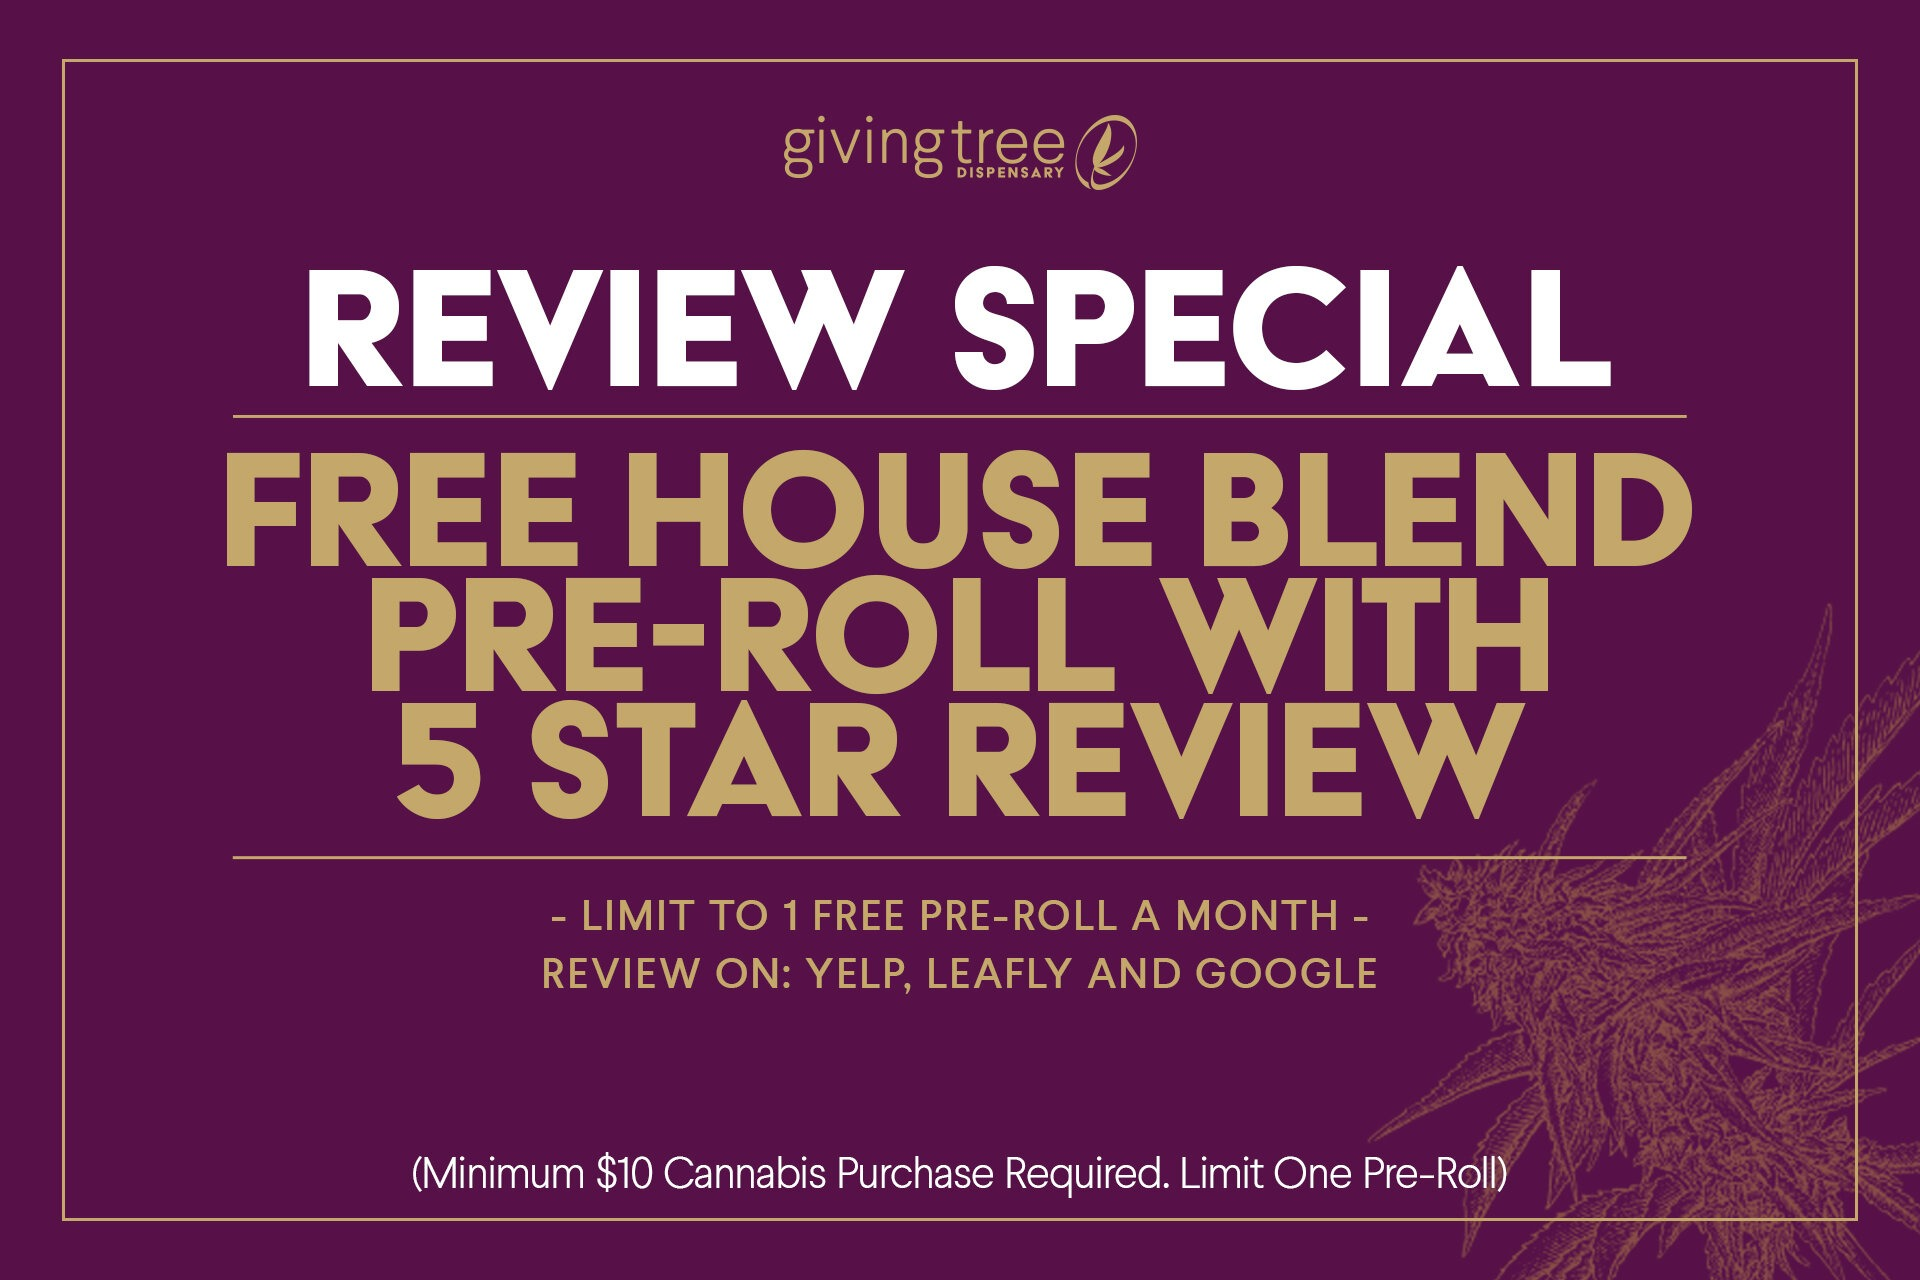 phoenix dispensary review special givingtreedispensary.com